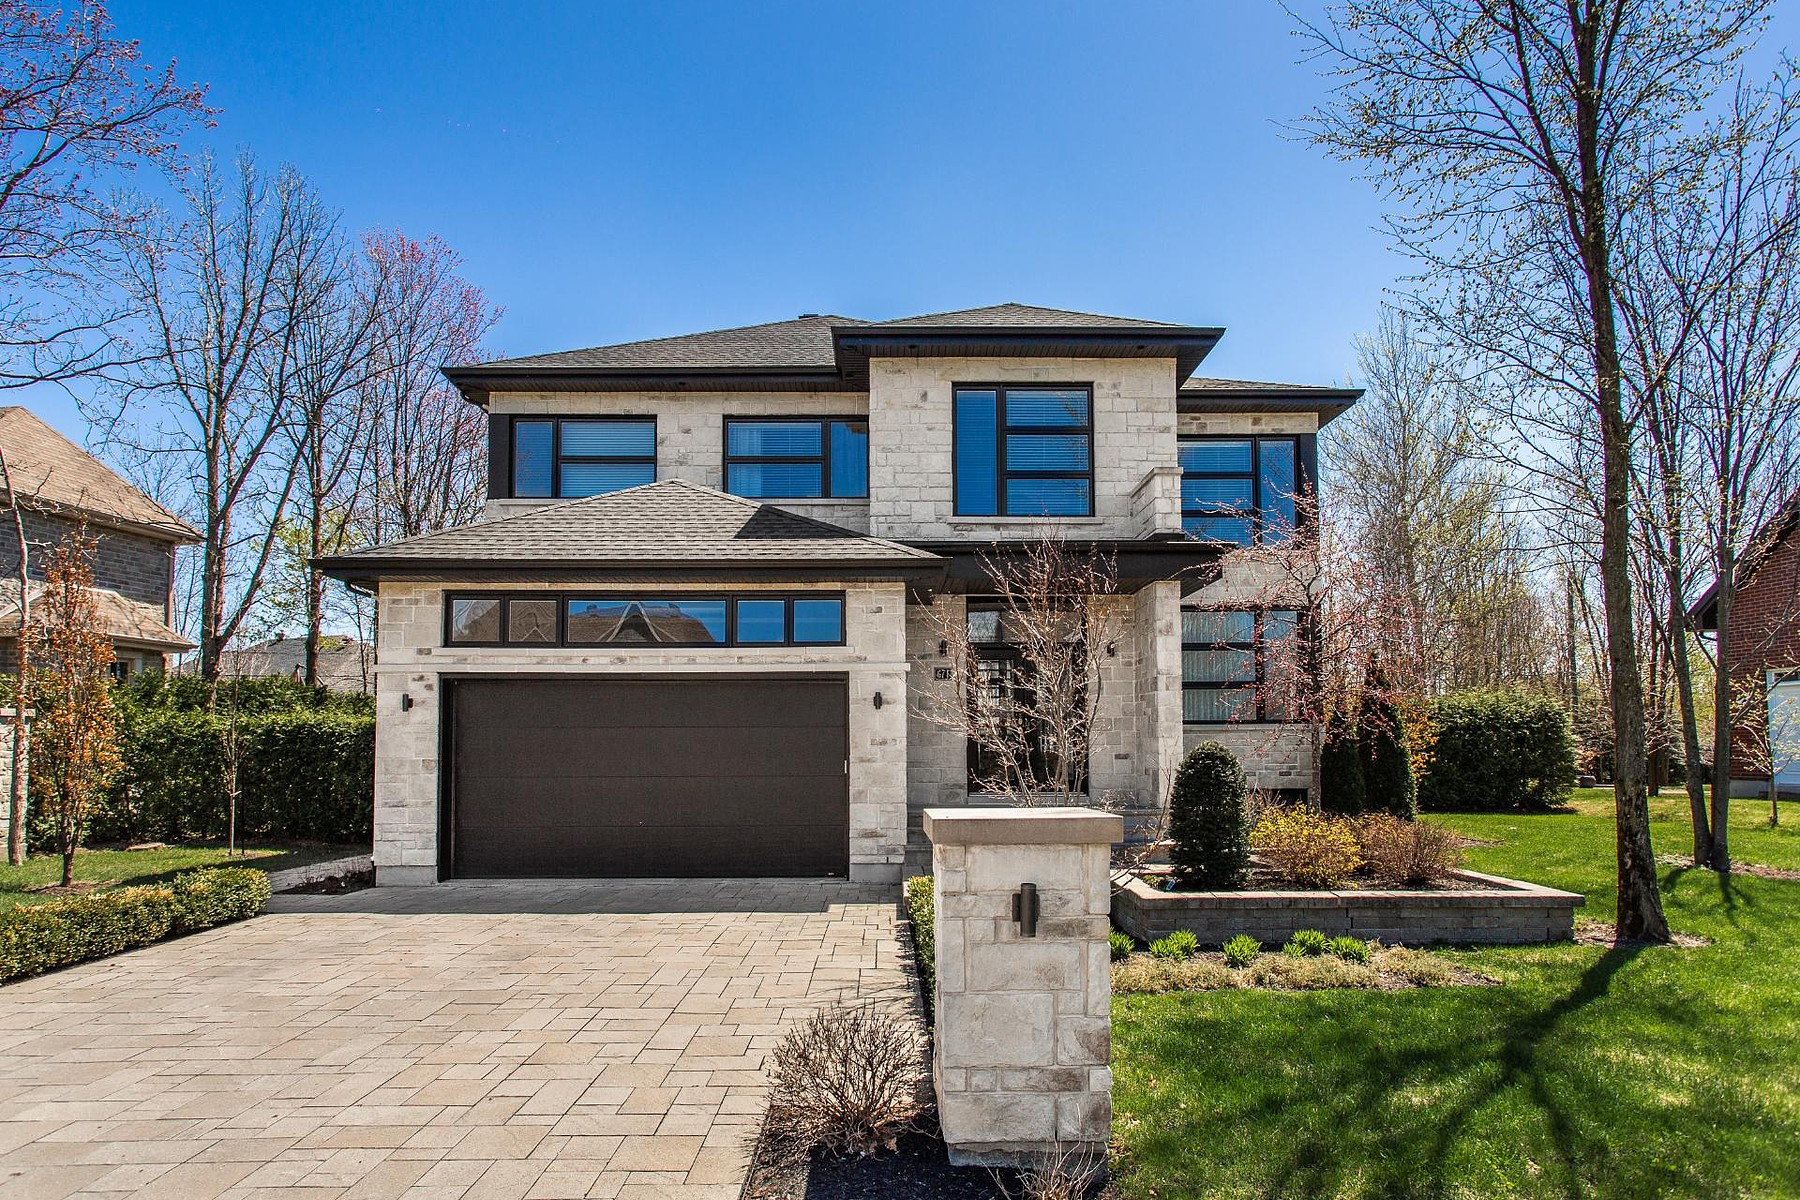 Single Family Homes for Sale at Boucherville, Montérégie 674 Rue de la Futaie Boucherville, Quebec J4B0E3 Canada